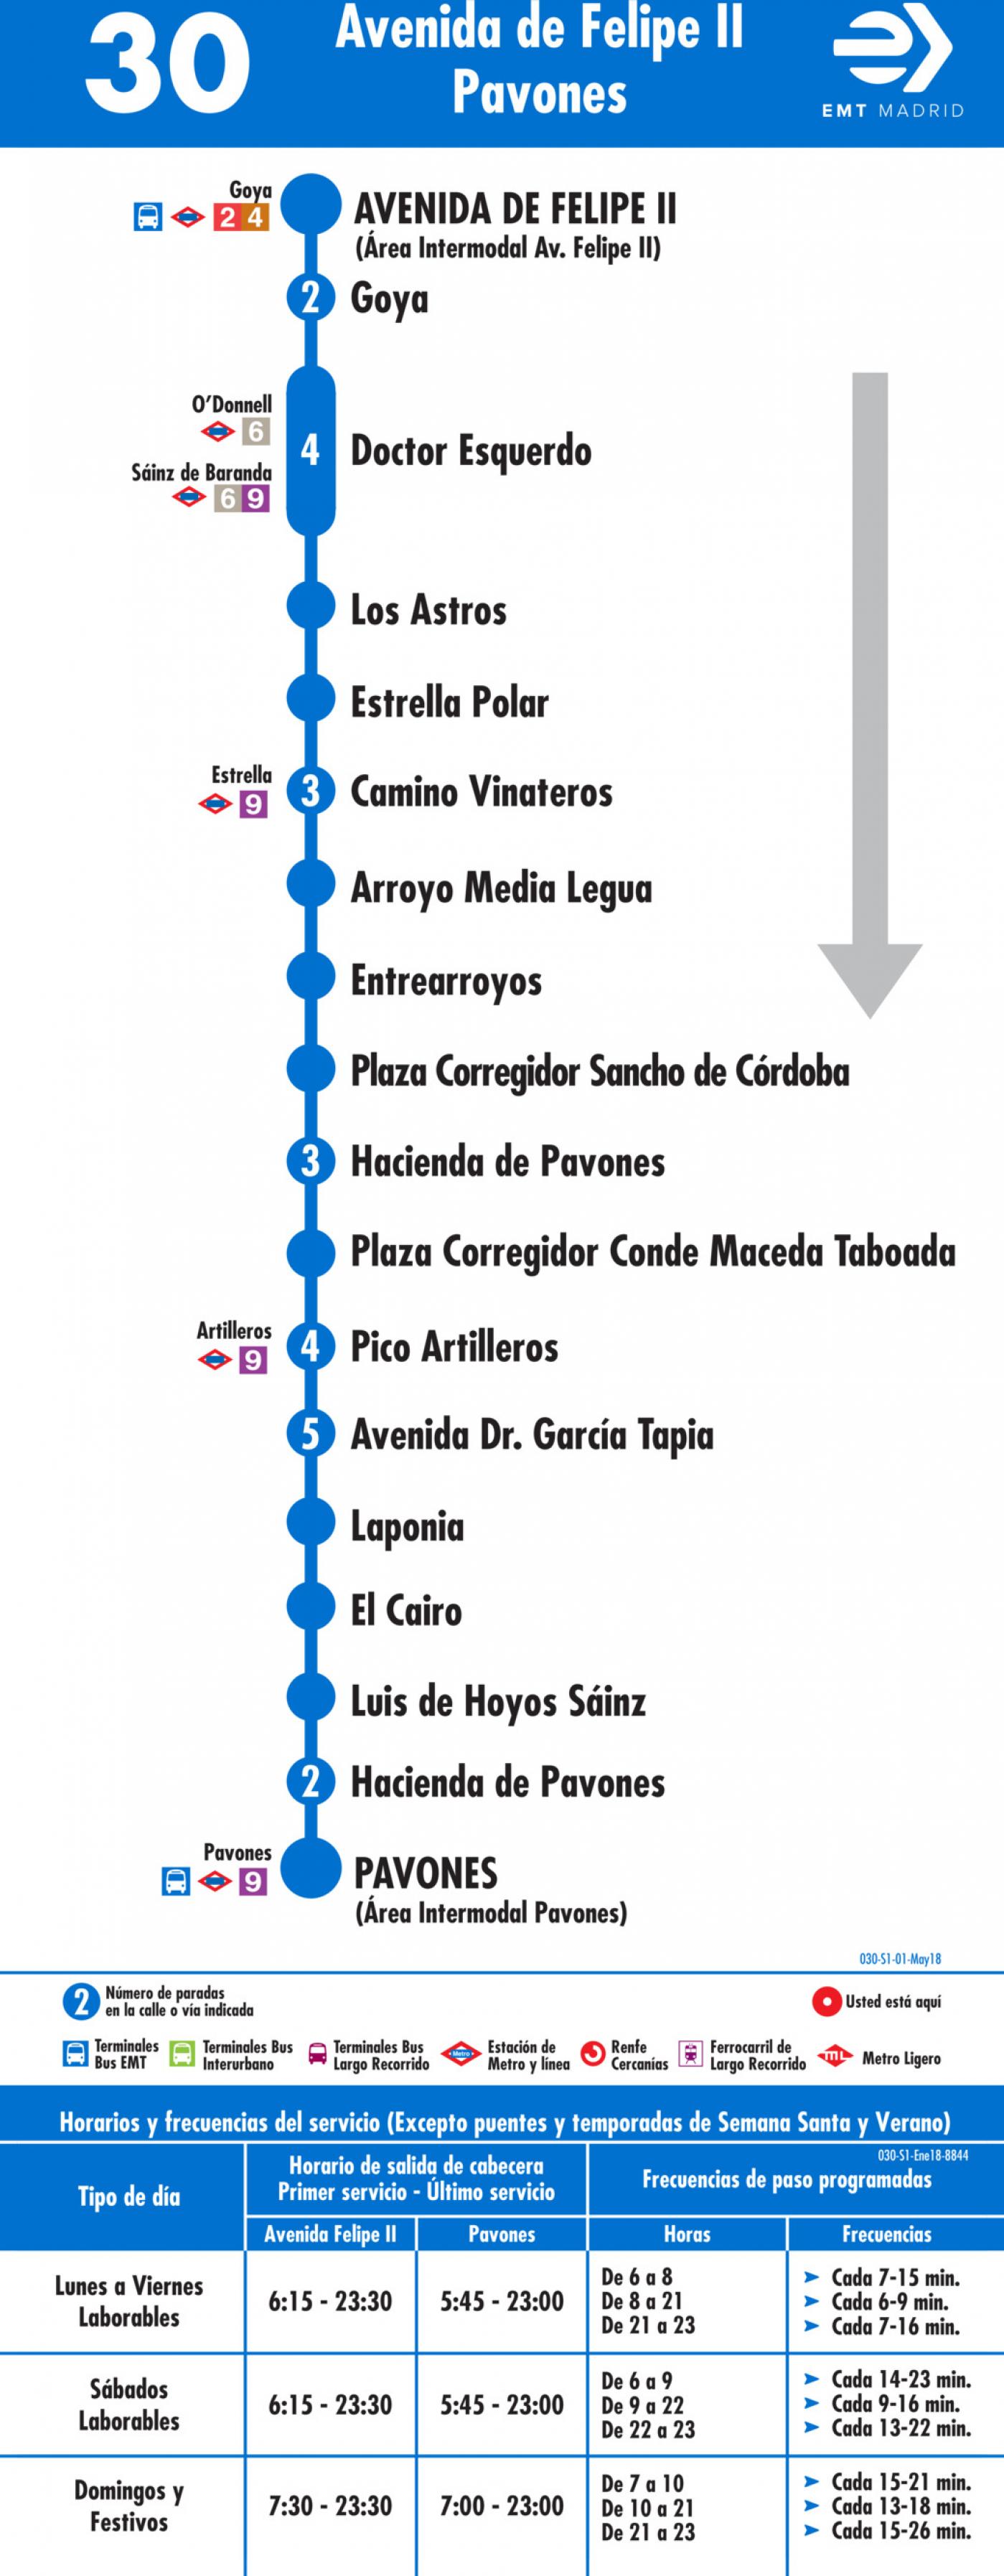 Tabla de horarios y frecuencias de paso en sentido ida Línea 30: Avenida de Felipe II - Pavones